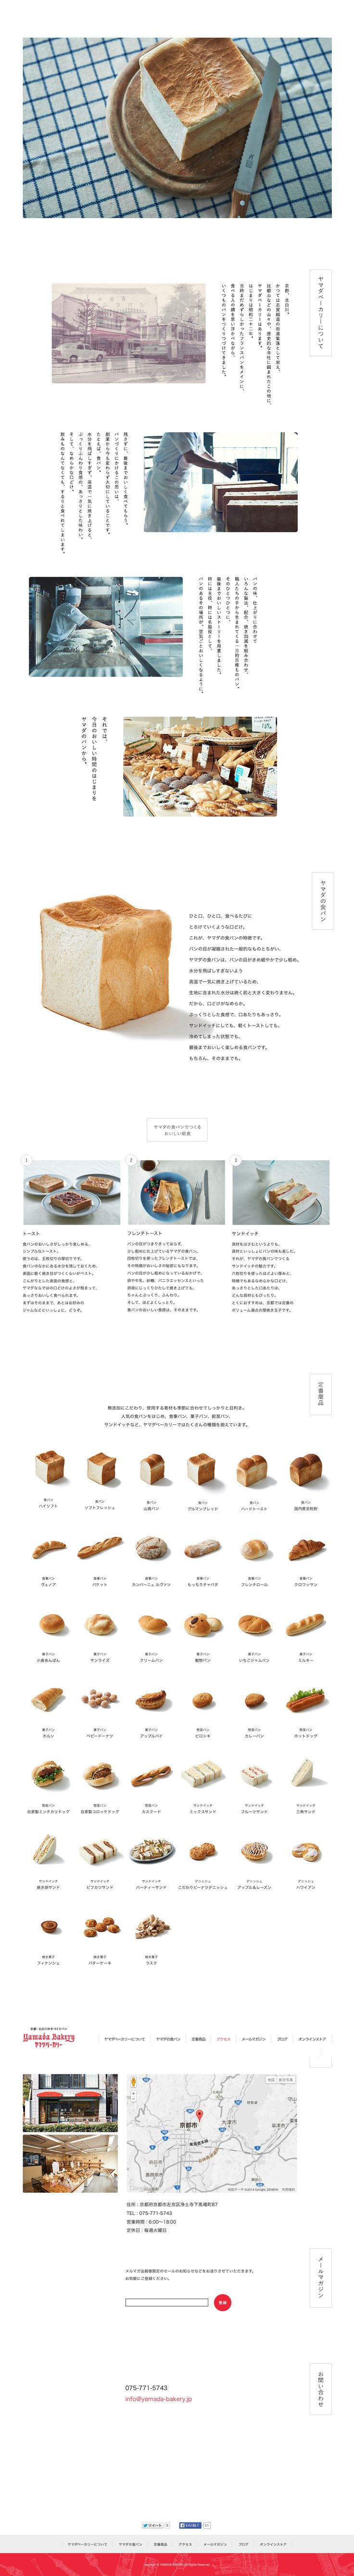 京都・北白川の手づくりパン ヤマダベーカリー | 京都・北白川の手づくりパン